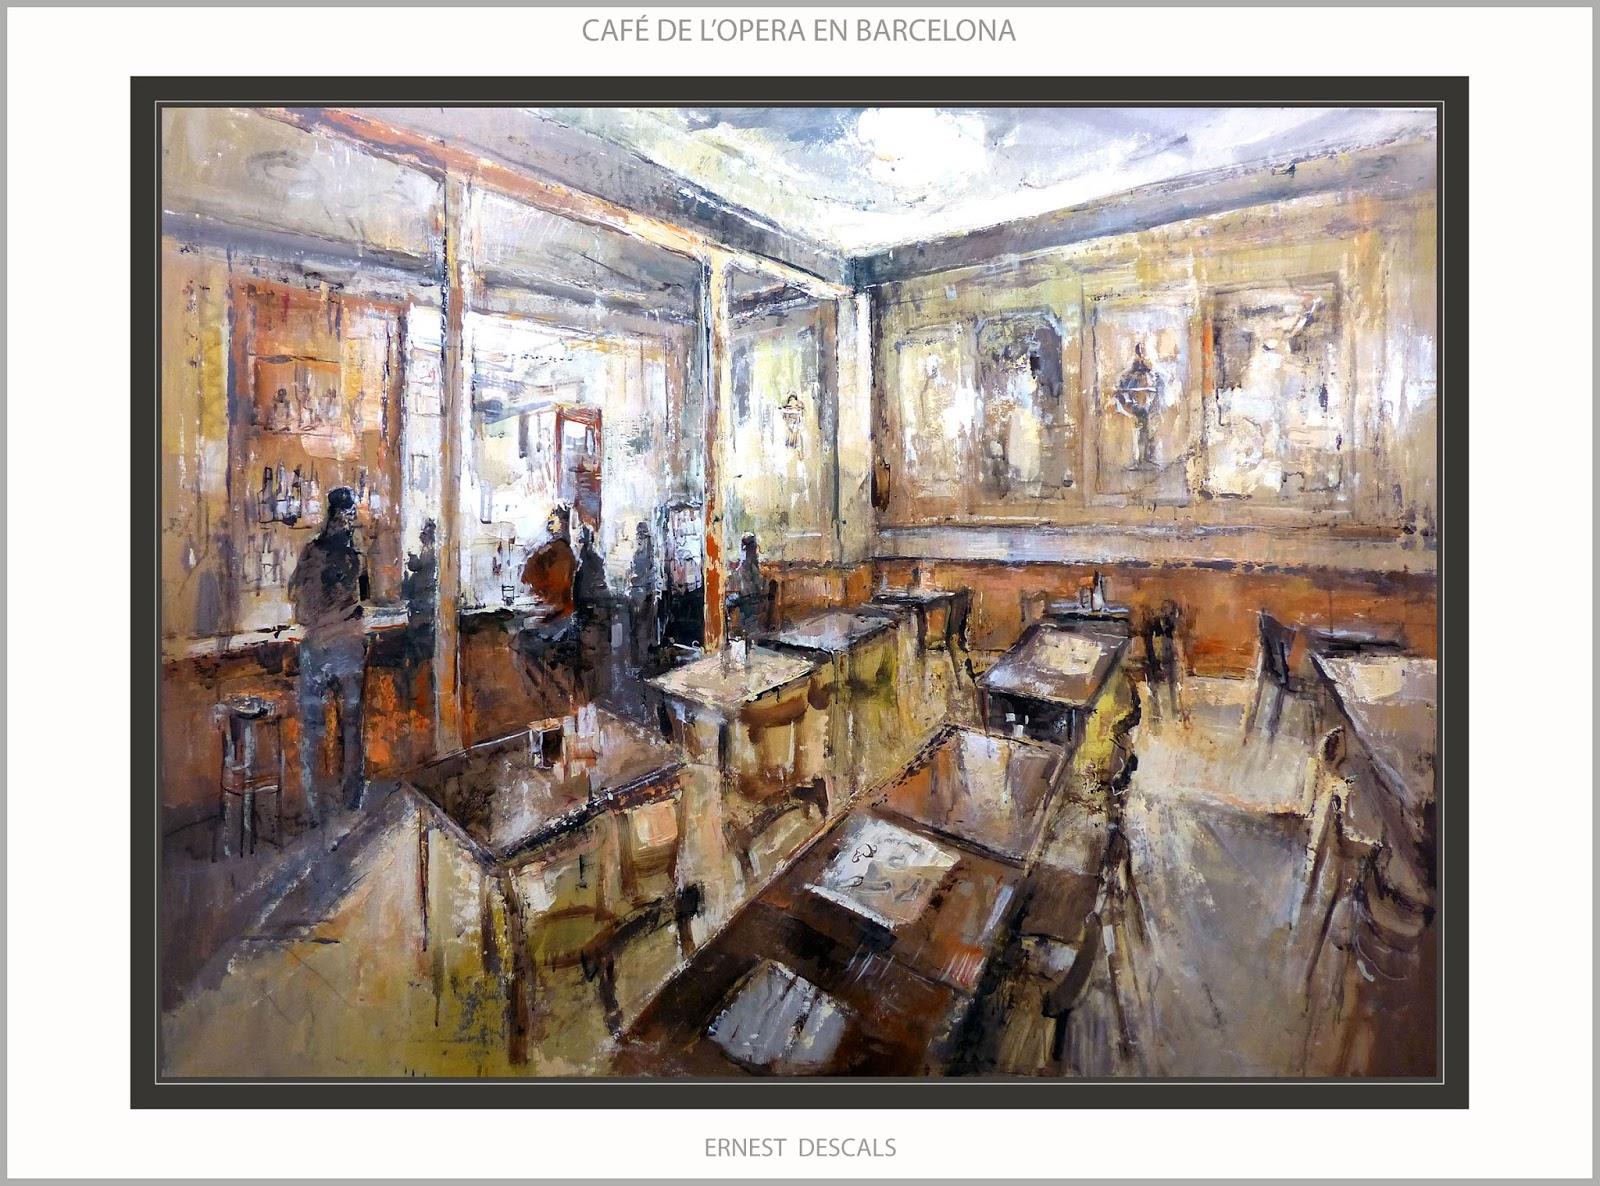 Ernest descals artista pintor caf opera pintura - Cuadros de interiores ...